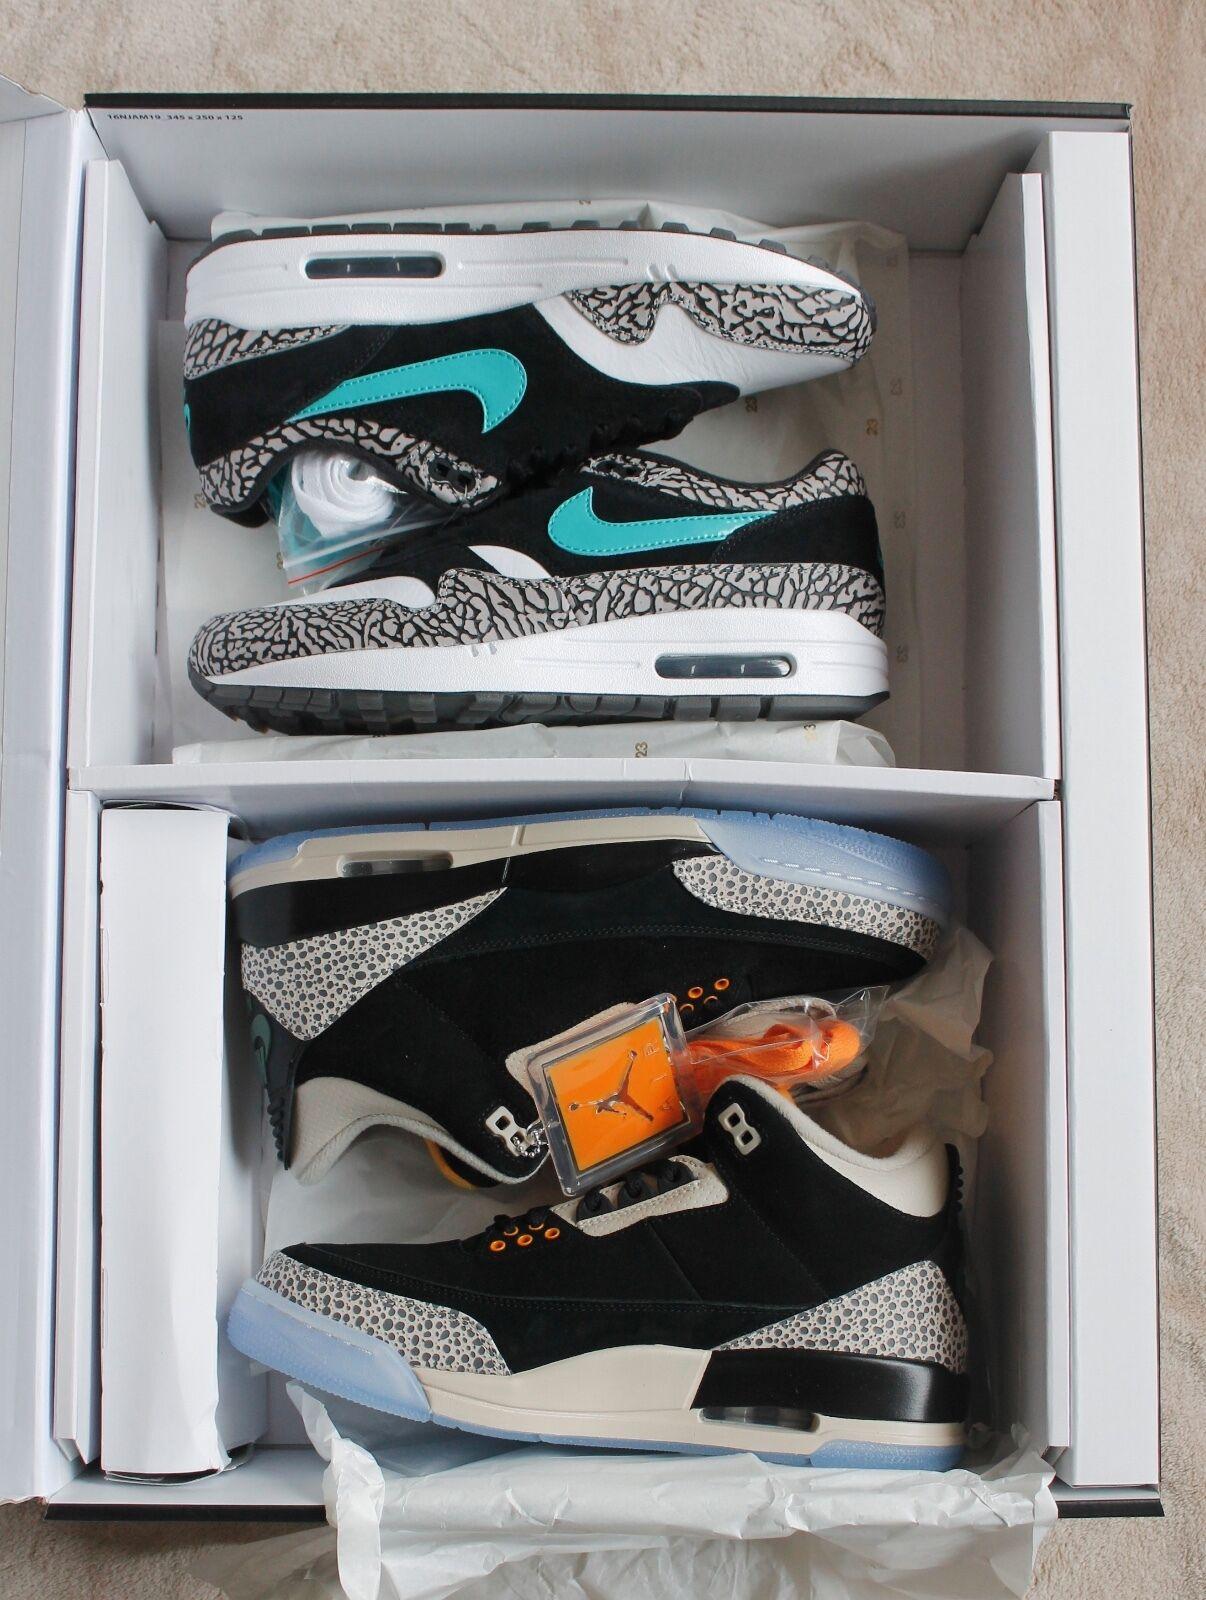 Nike Air Max 1 Retro Atmos Elephant / Jordan 3 Safari Pack 923098-900 New